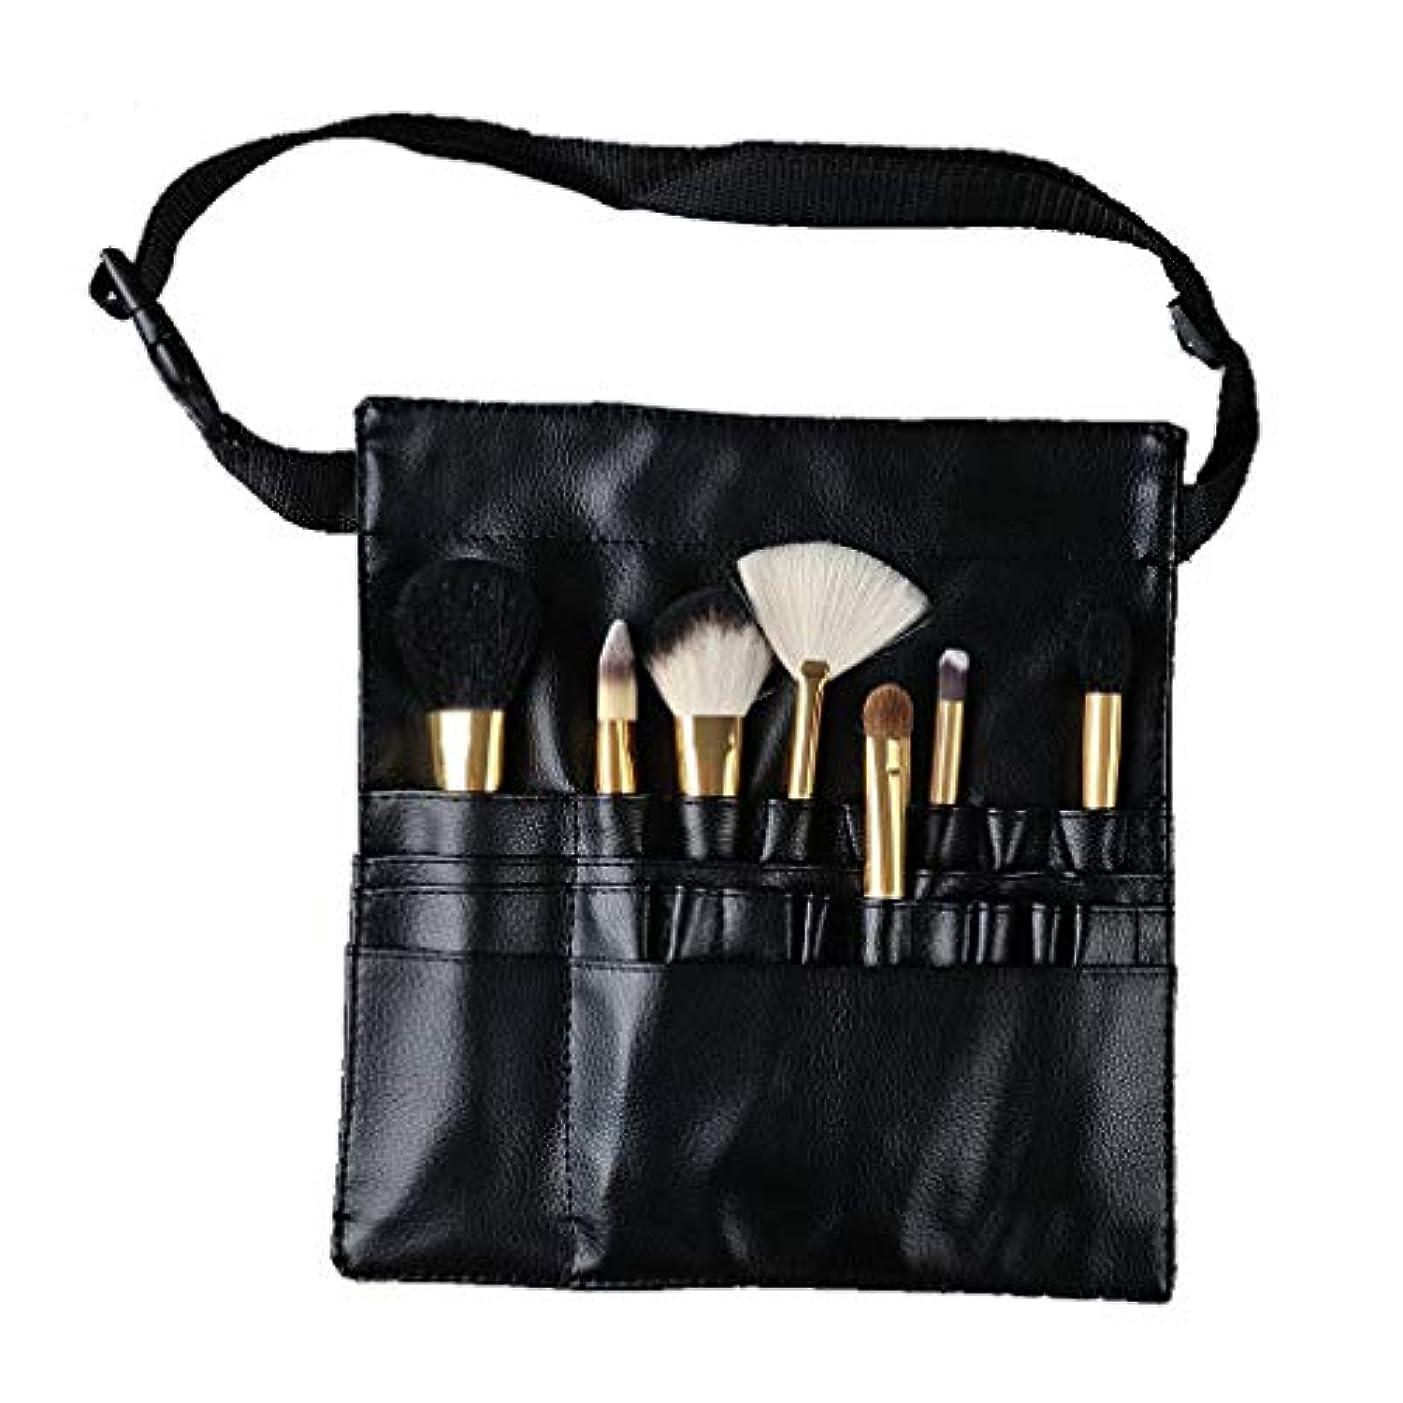 サイトライン比類のないギネスHonel メイクブラシケース 腰巻き メイクウエストバッグ 化粧バッグ 美容師 多機能収納 汚れ防止カバー シザーケース 化粧筆ケース